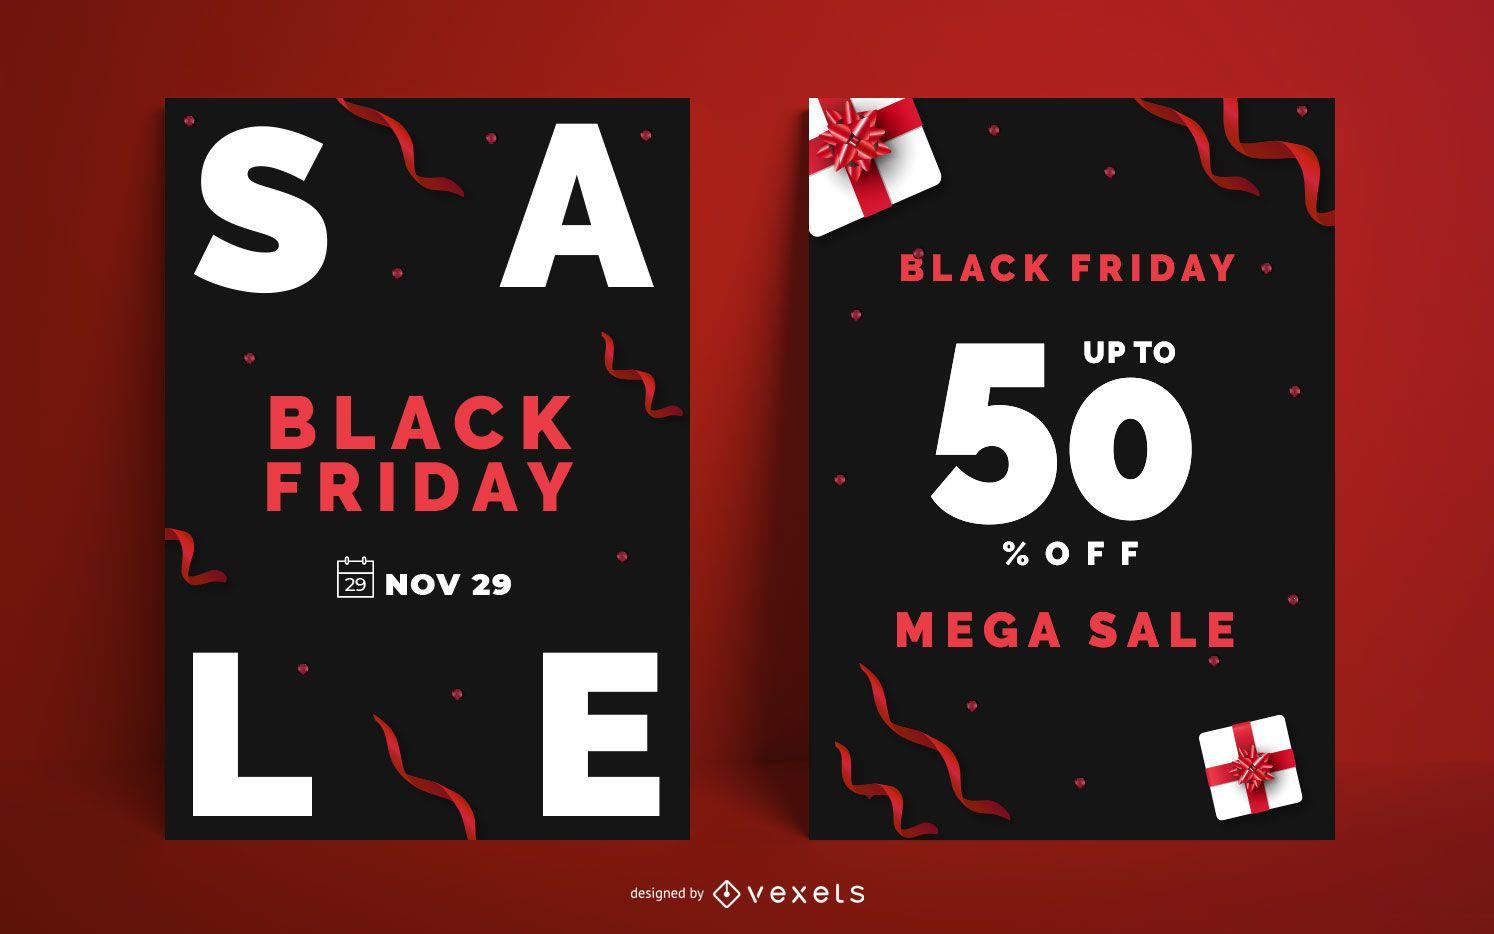 Paquete de diseño de carteles de Black Friday